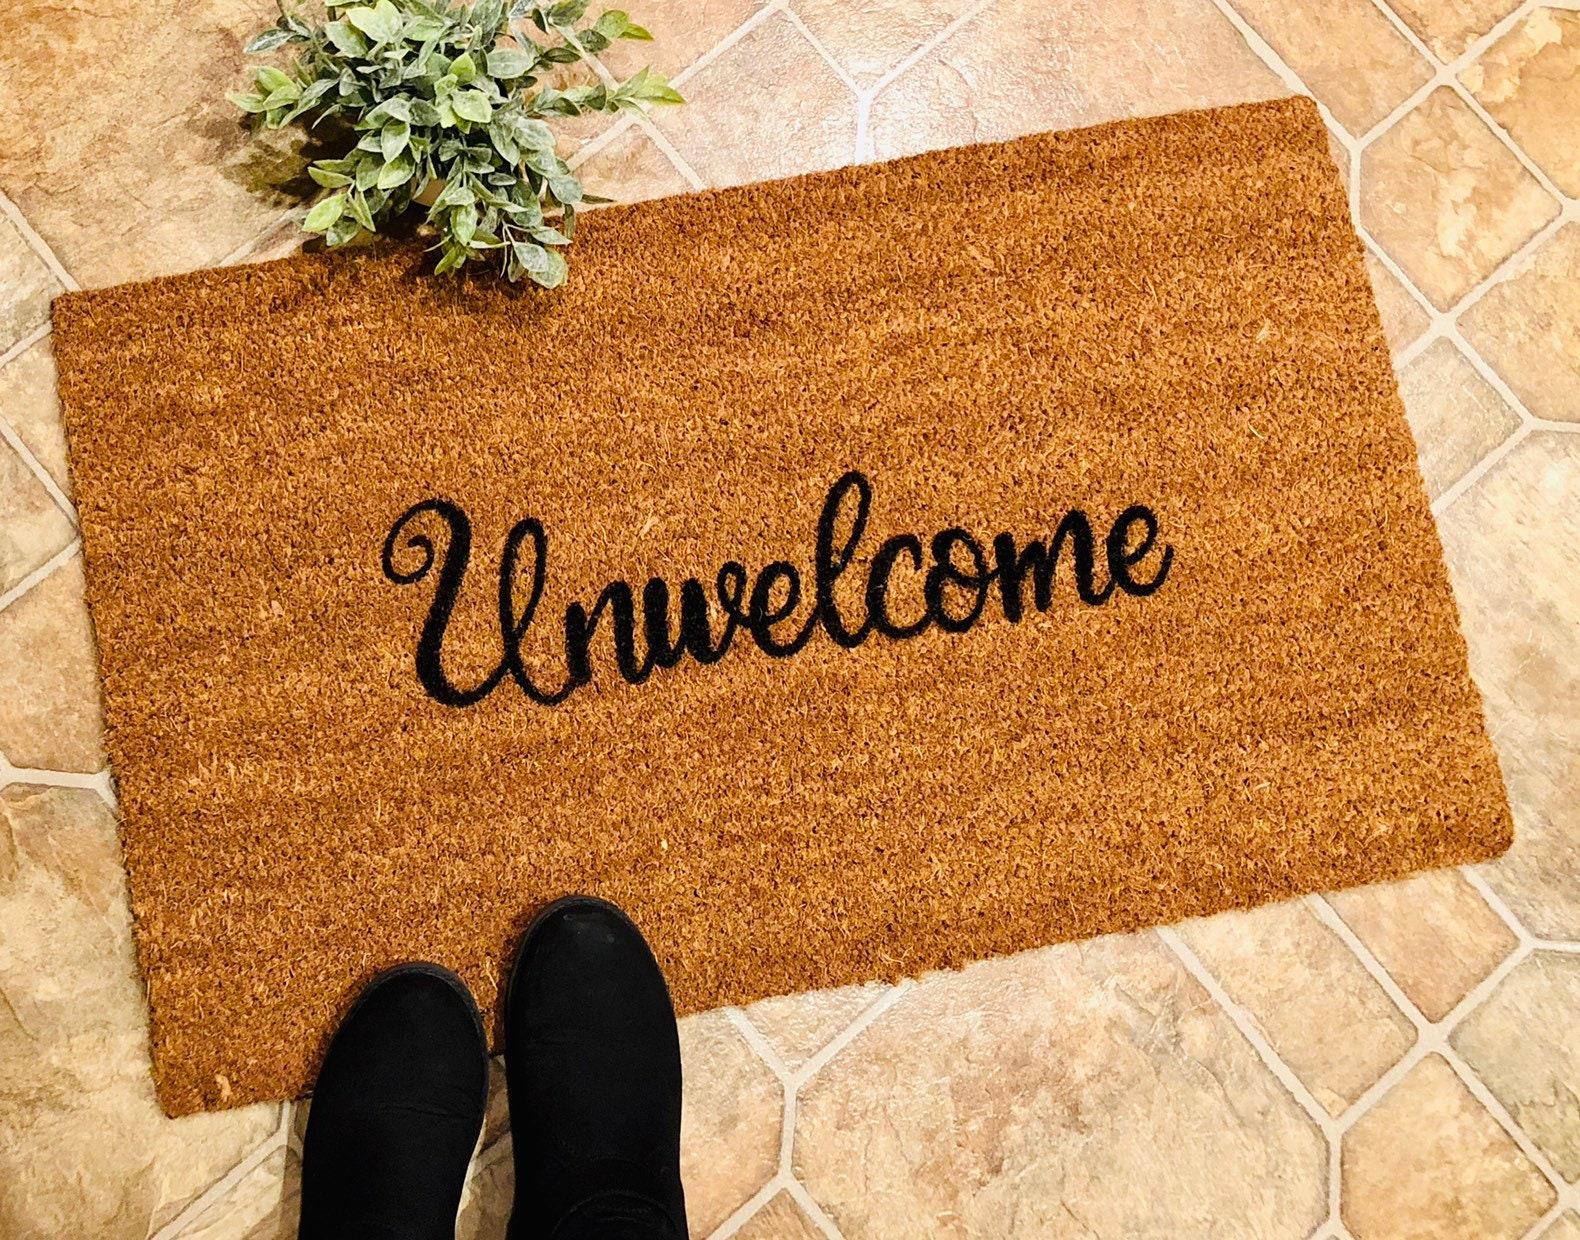 Unwelcome Doormat Doormats With Funny Sayings Outdoor Rug | Etsy